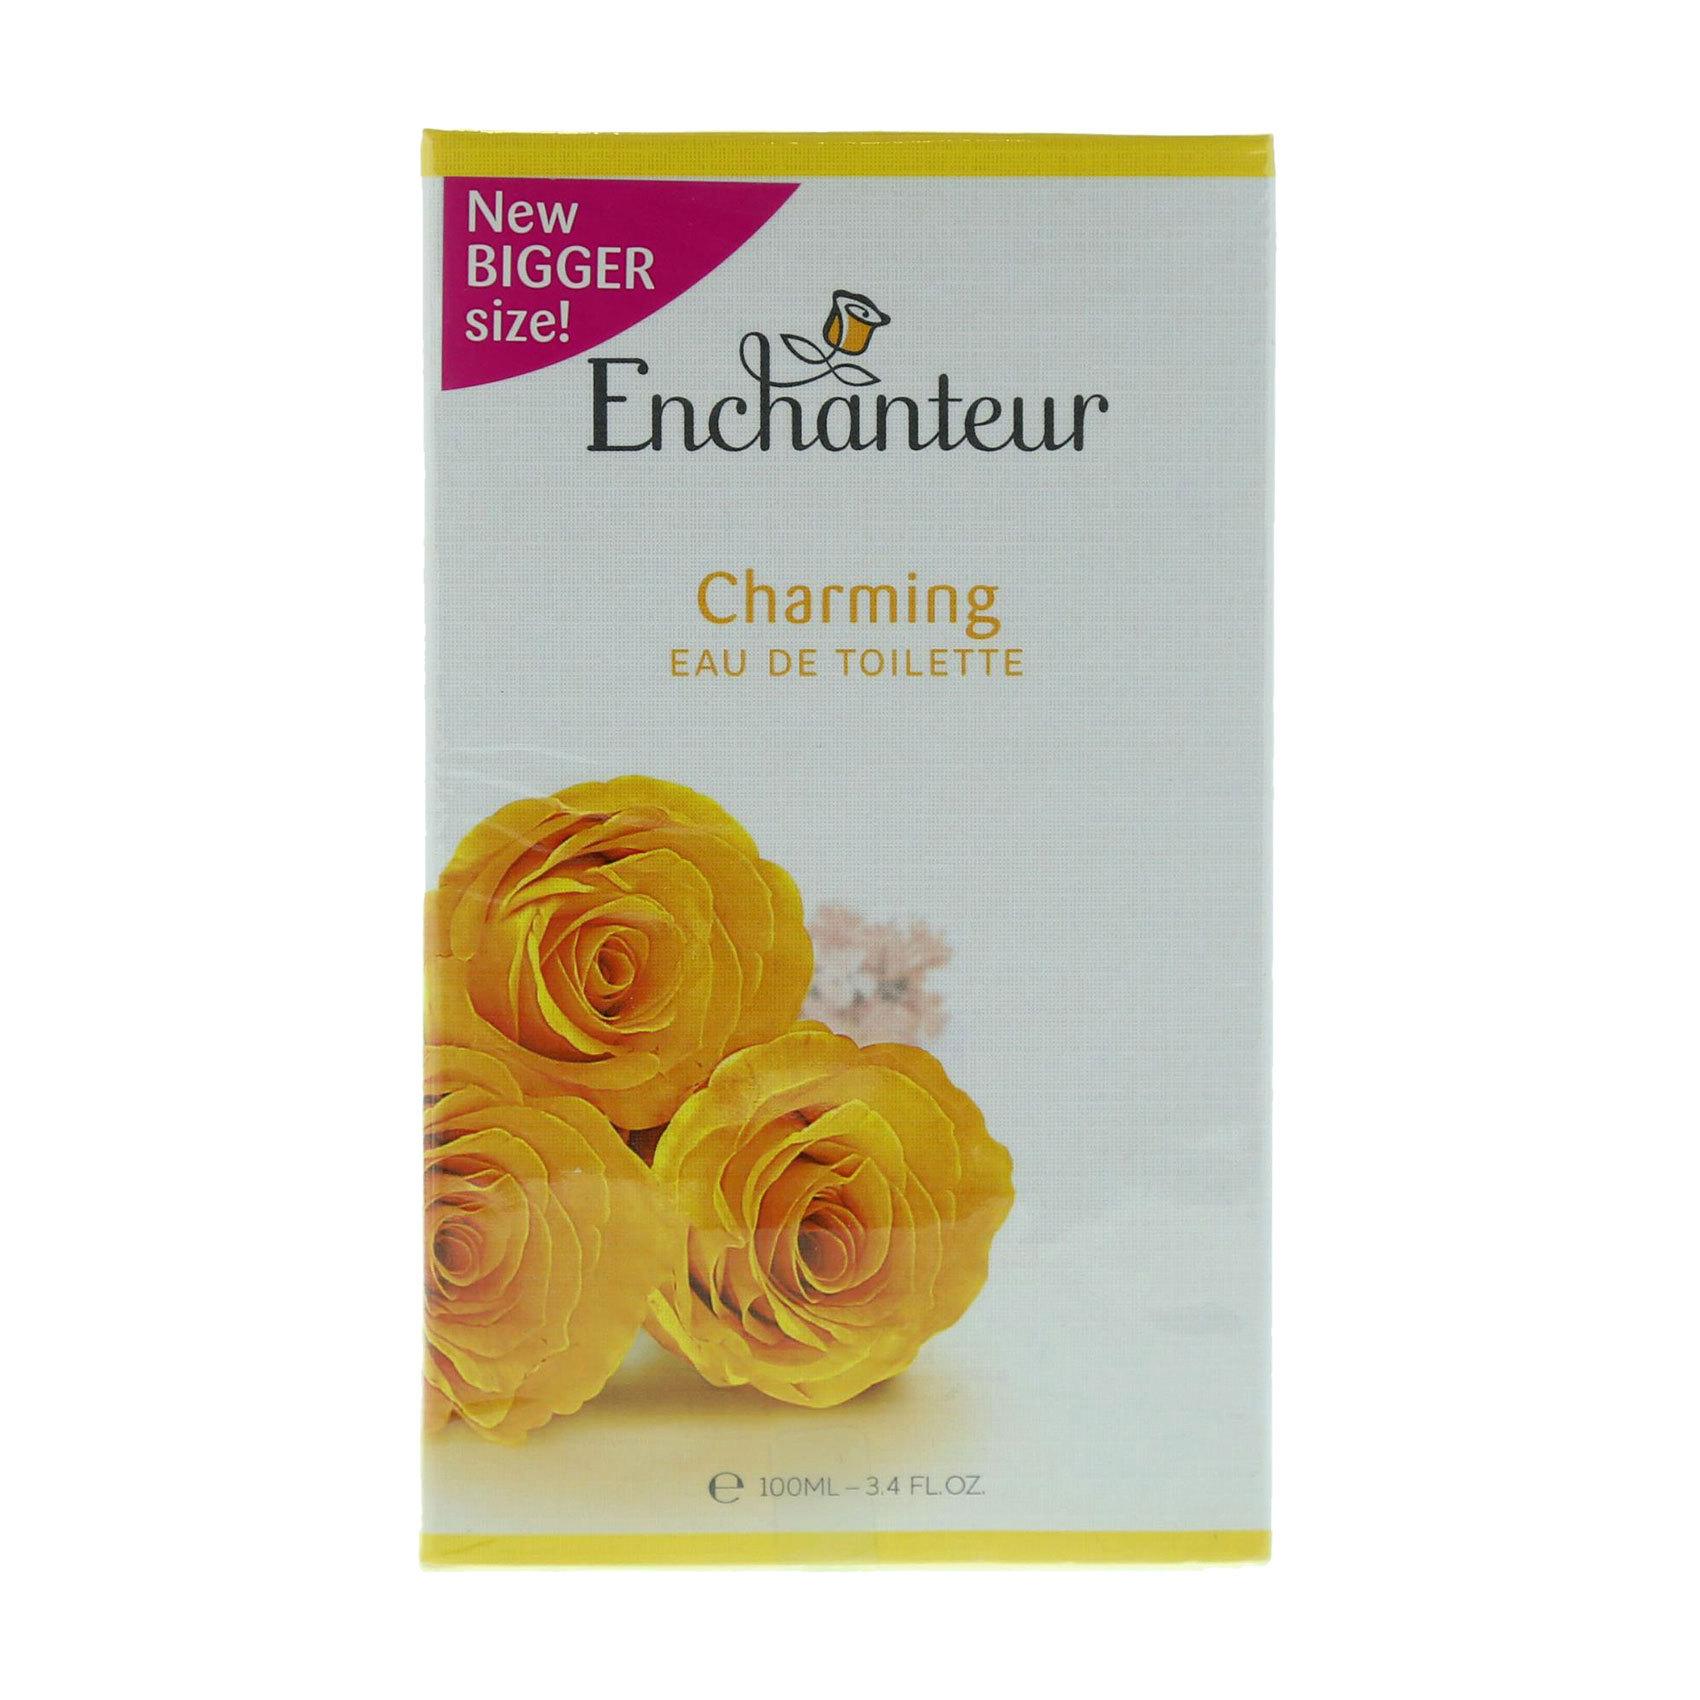 ENCHANTEUR EDT CHARM 100ML